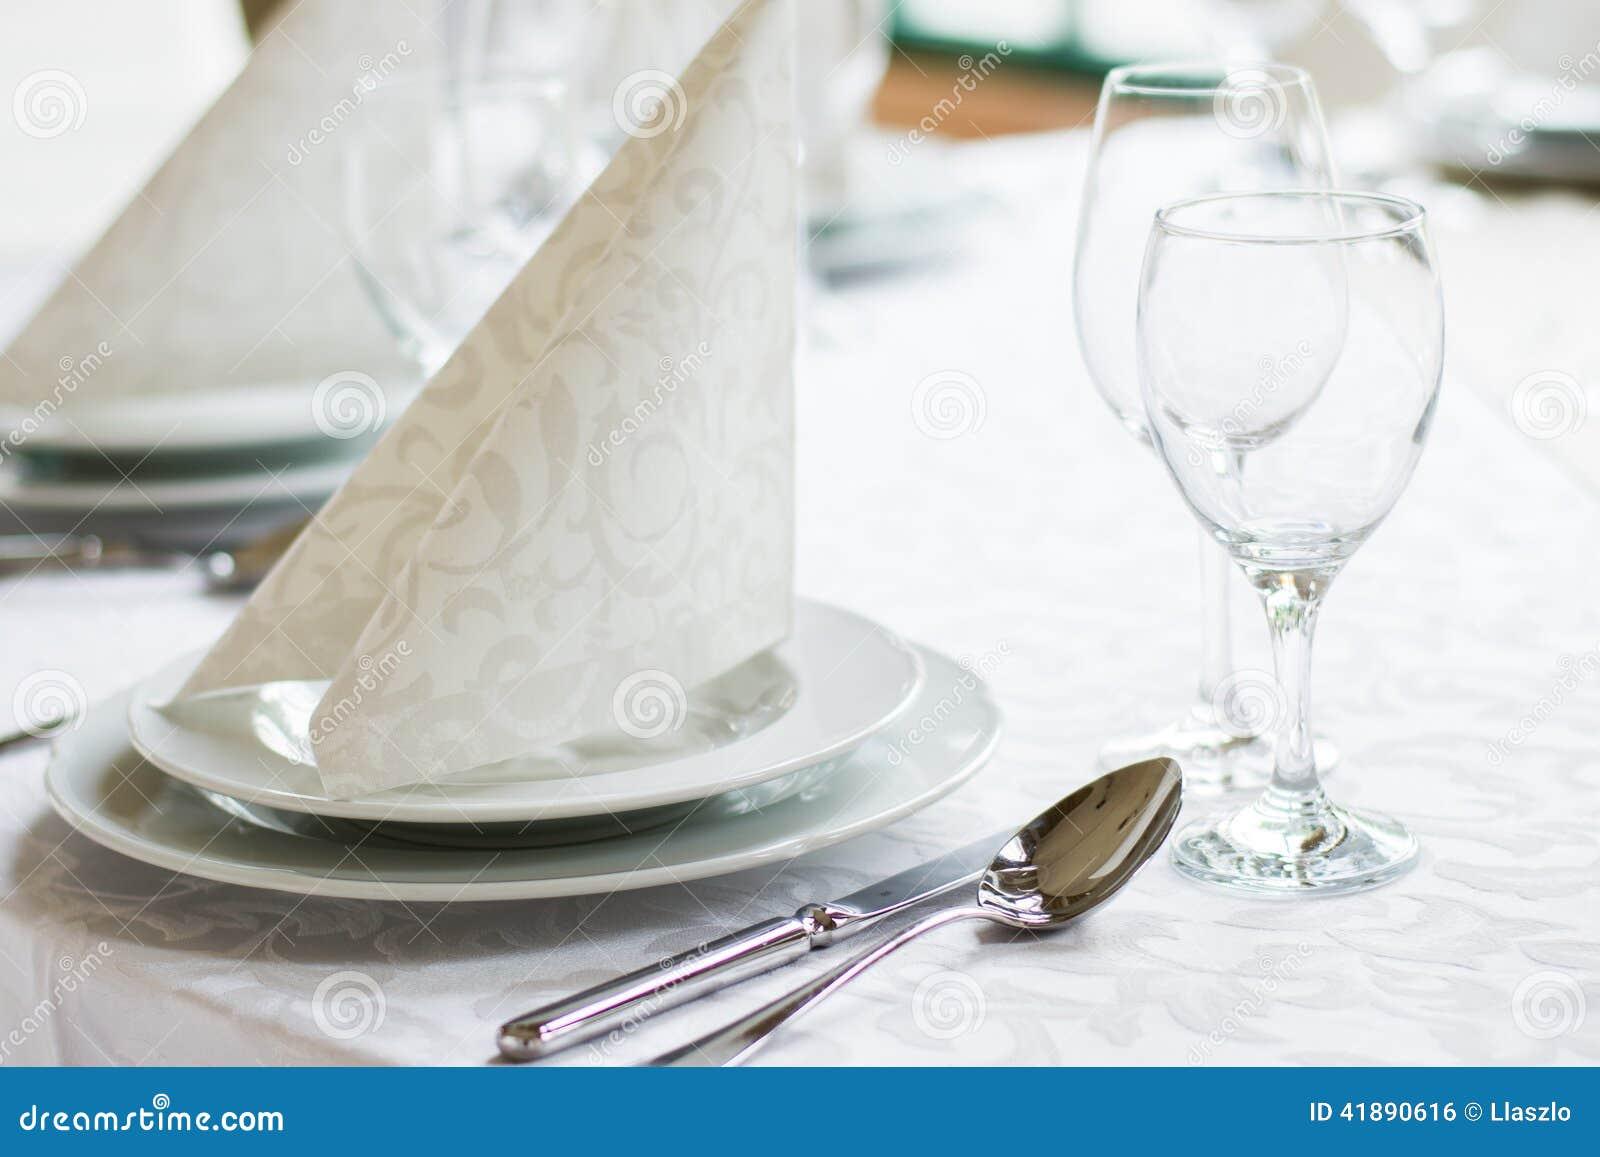 White Wedding Reception Place Setting Stock Photo Image Of